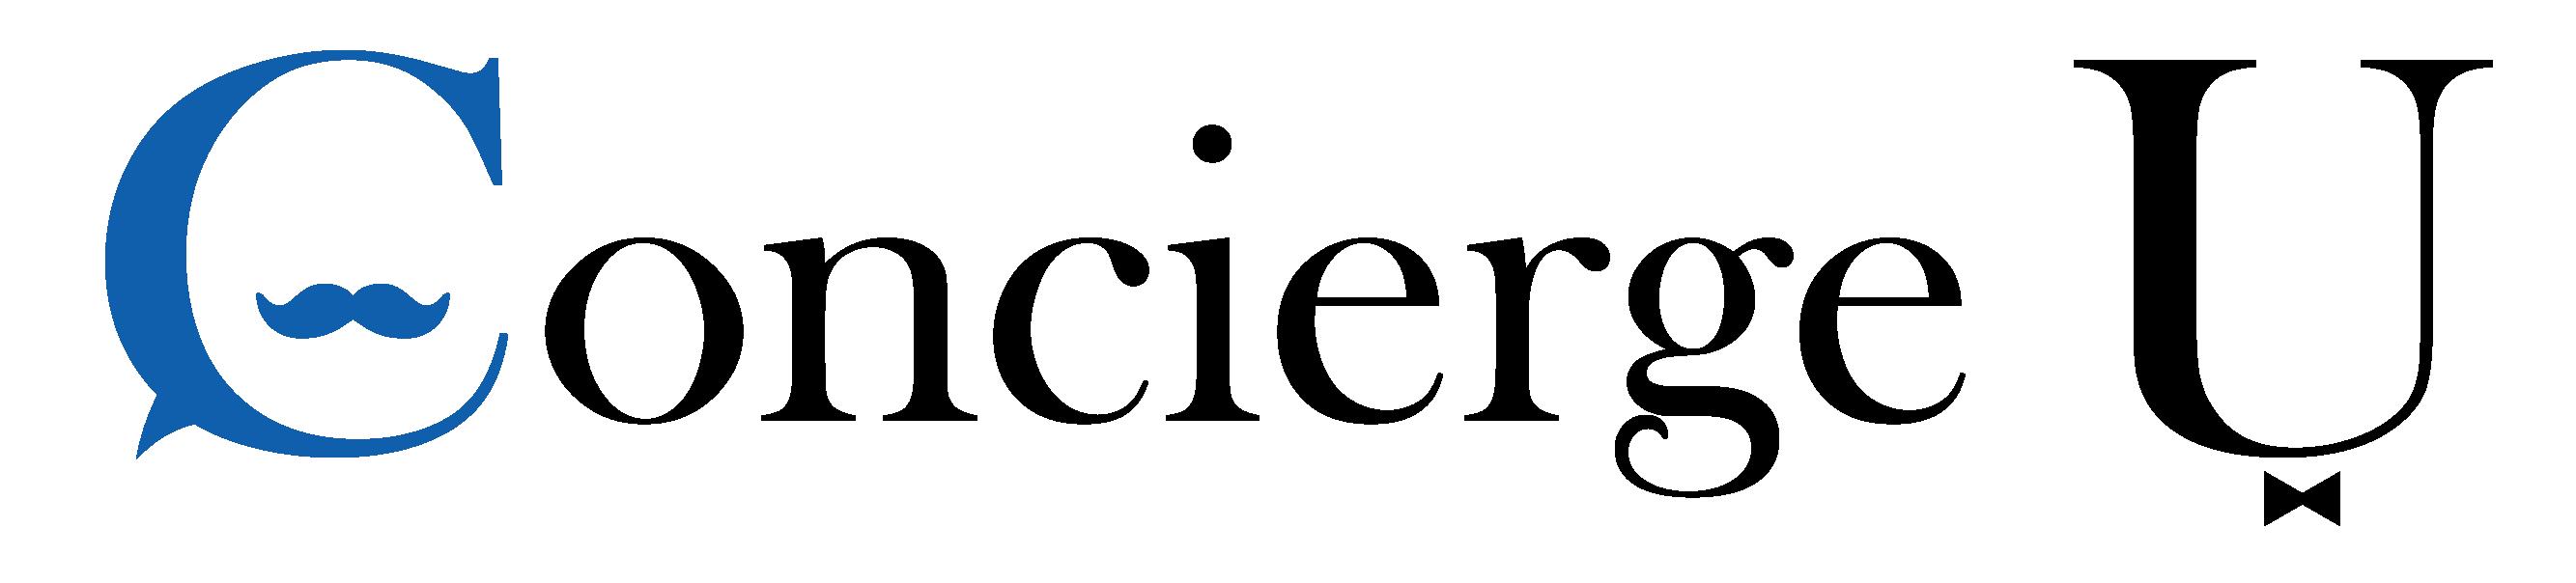 株式会社コンシェルジュ